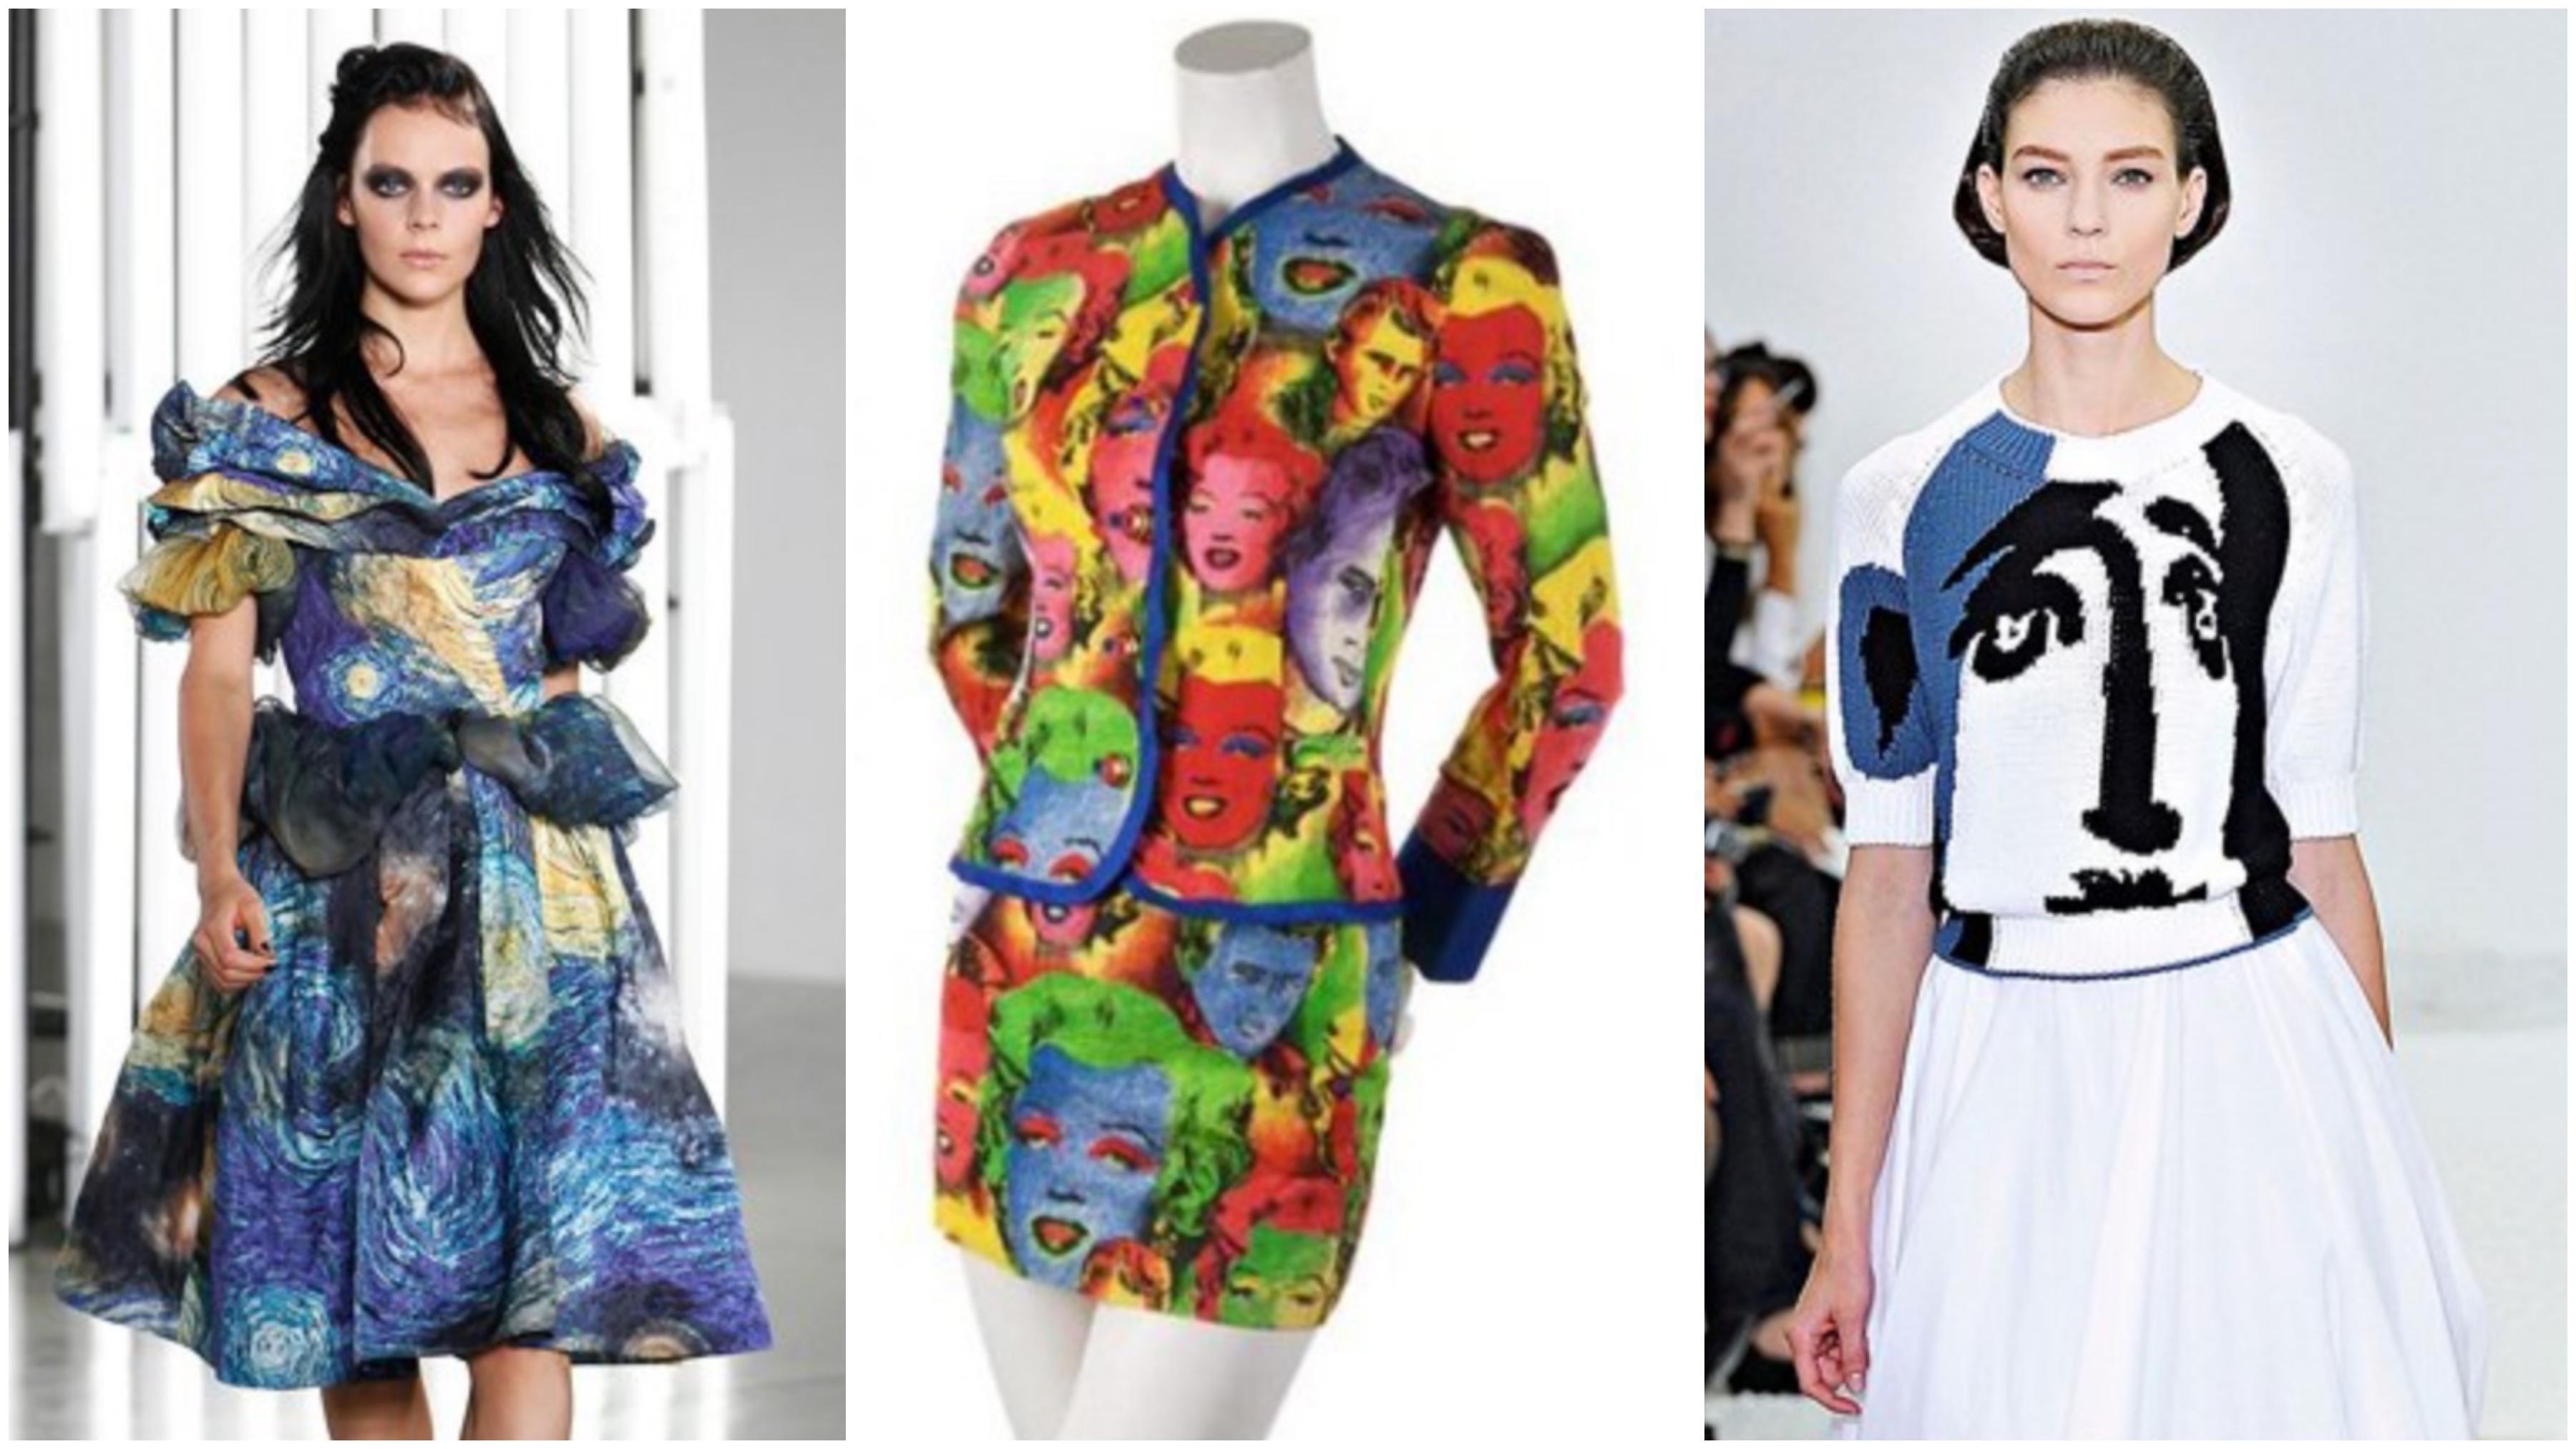 No hay moda sin arte ni arte sin moda. Y éstas son sus grandes colaboraciones - image artists on https://www.vanidad.es